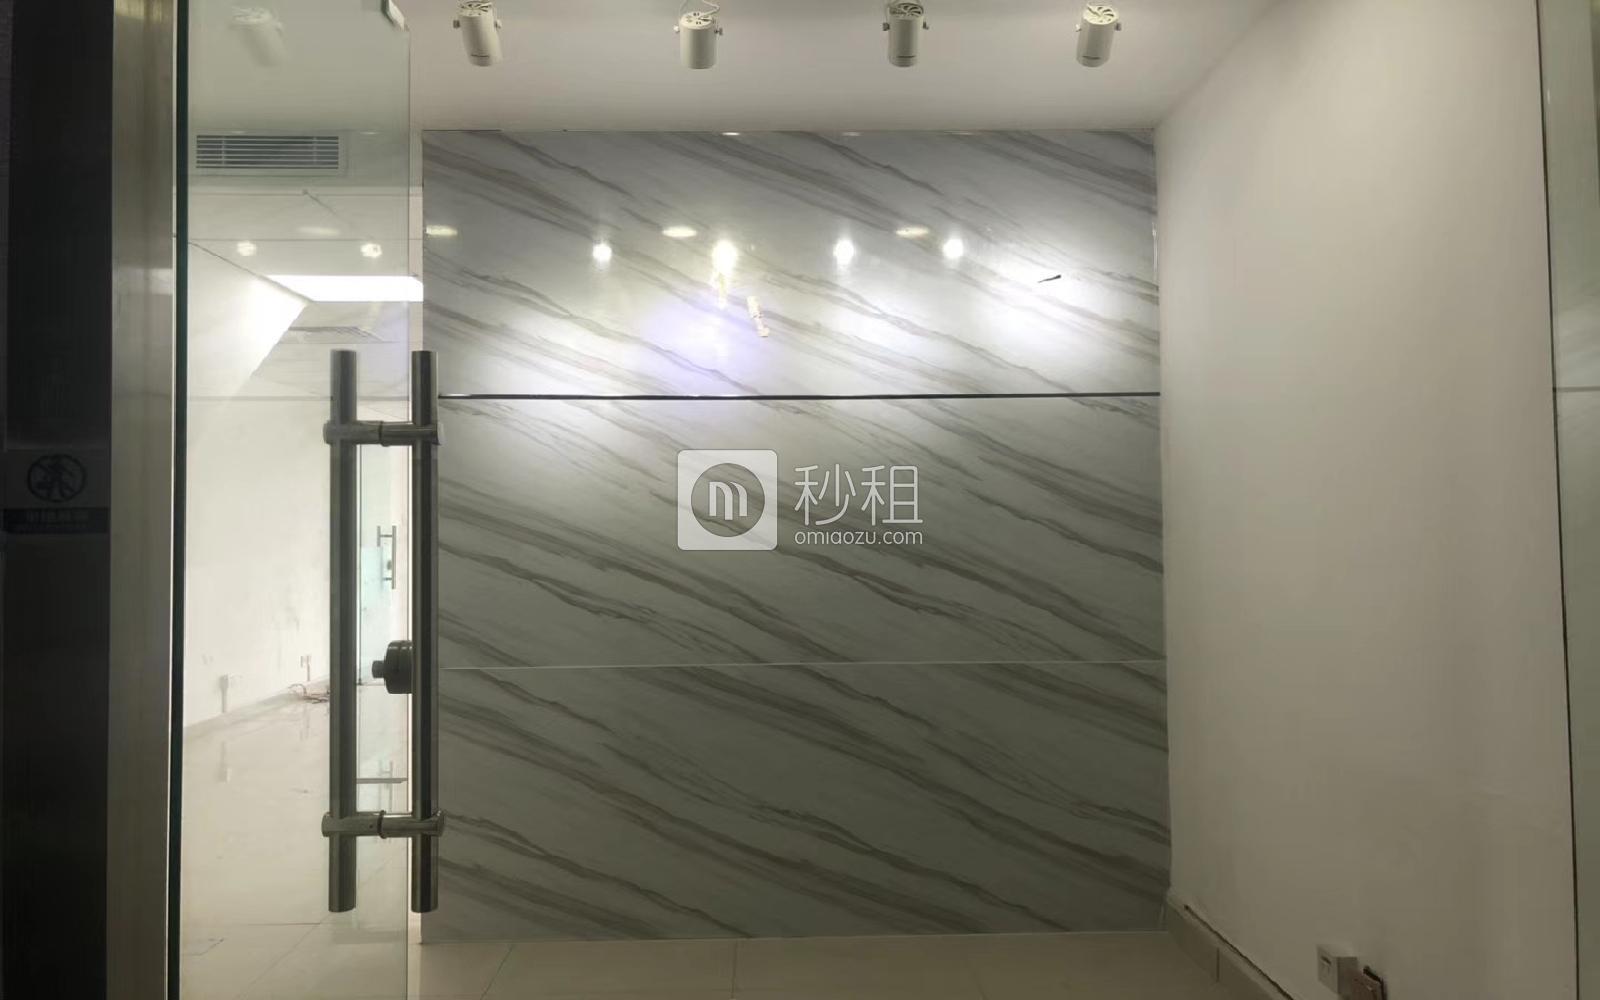 福田-福田中心区 现代国际大厦 190m²